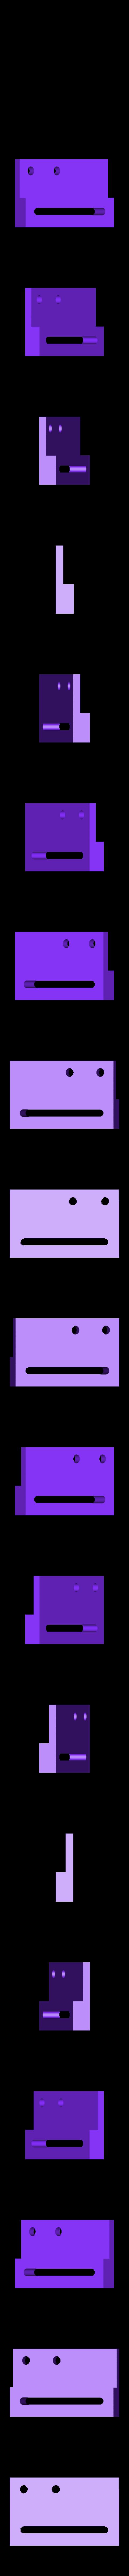 Z-SwitchPlate.stl Télécharger fichier STL gratuit Hadron (ORD Bot) Z Réglage fin • Objet pour impression 3D, Duskwin